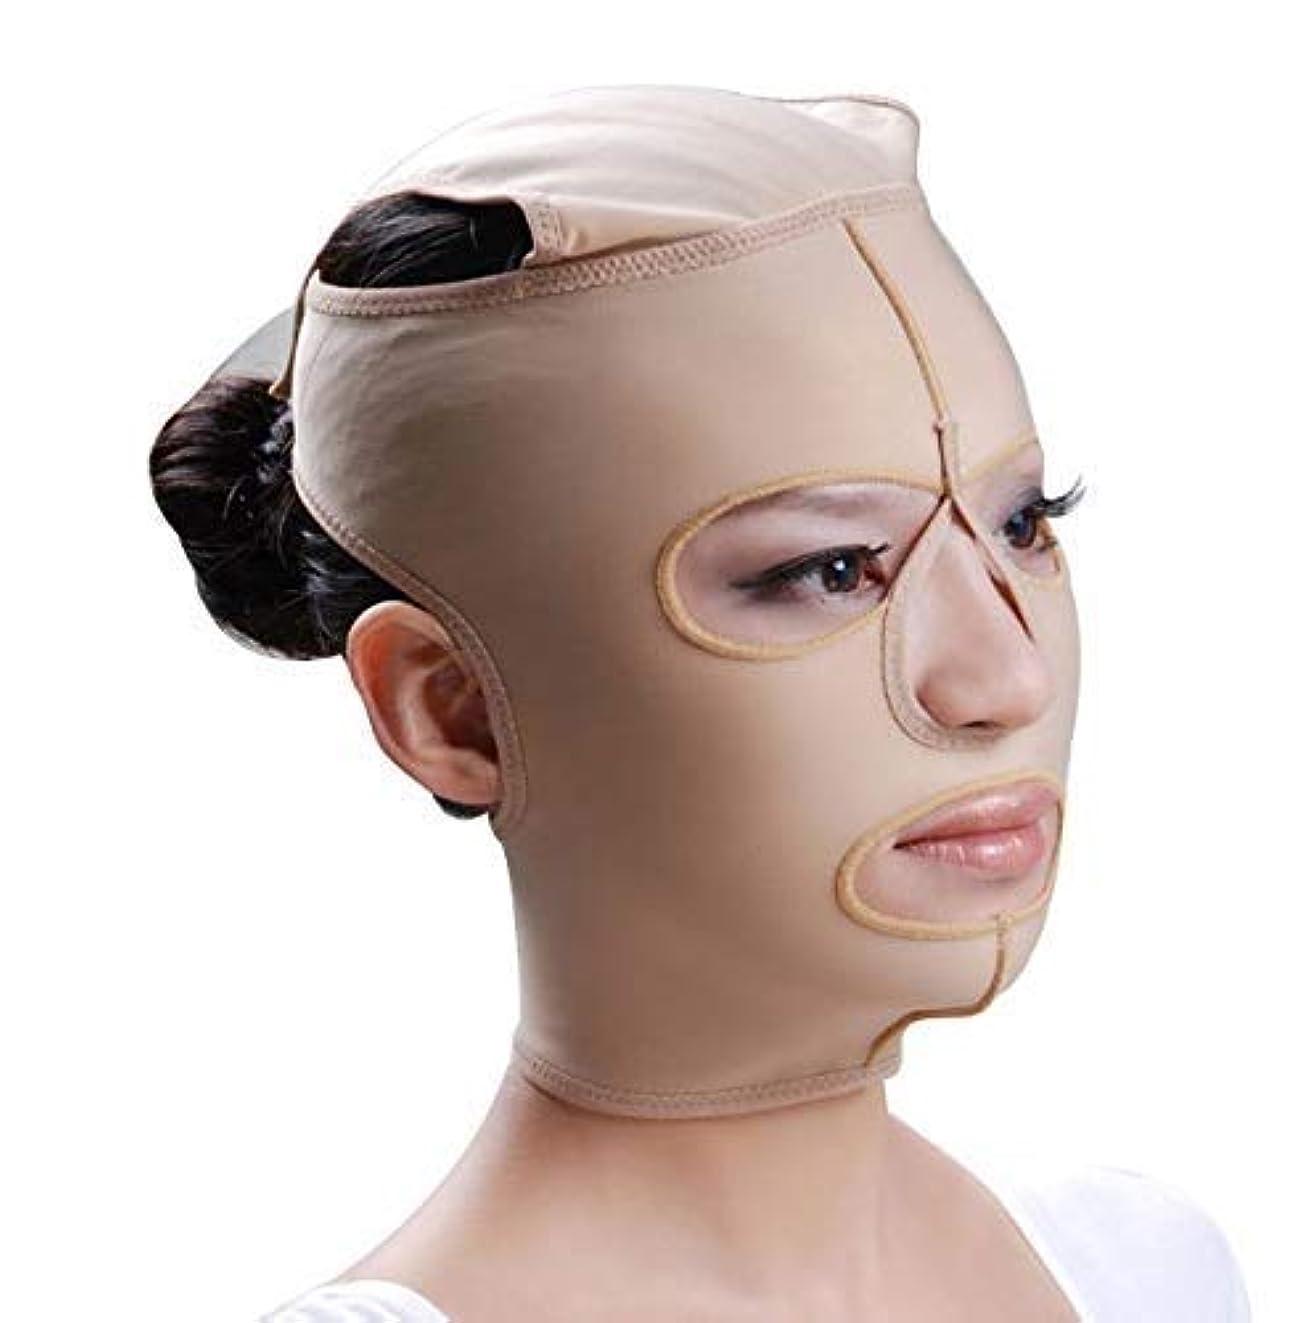 インシュレータミュウミュウコマースファーミングフェイスマスク、フェイシャルマスク弾性フェイスリフティングリフティングファーミングパターンマイクロフィニッシングポストモデリングコンプレッションフェイスマスク(サイズ:L)